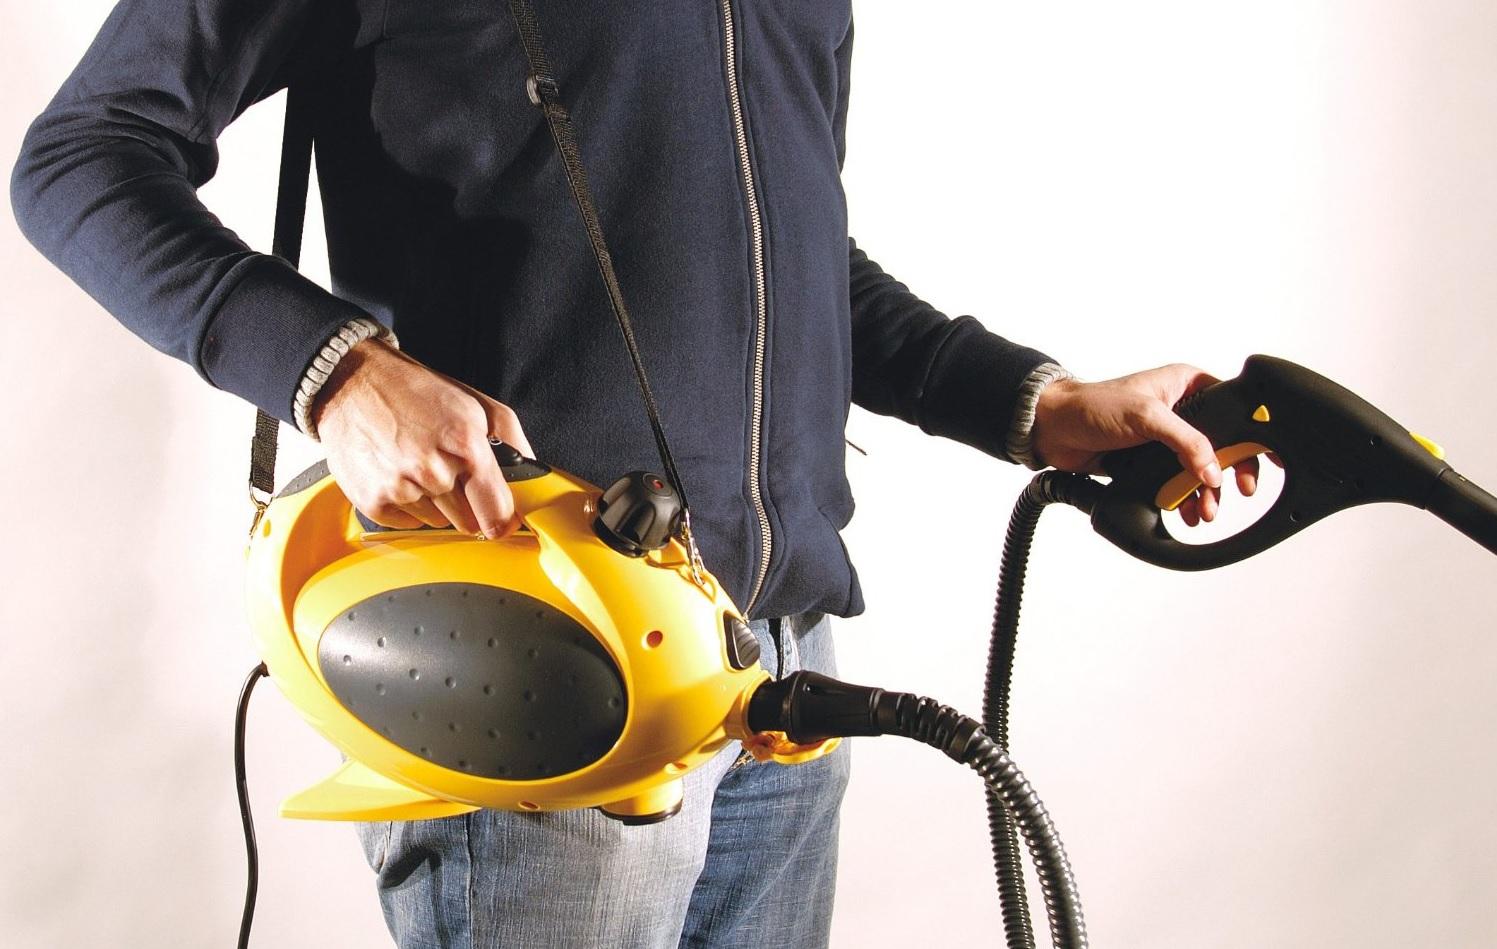 Funcionamiento limpiadoras a vapor